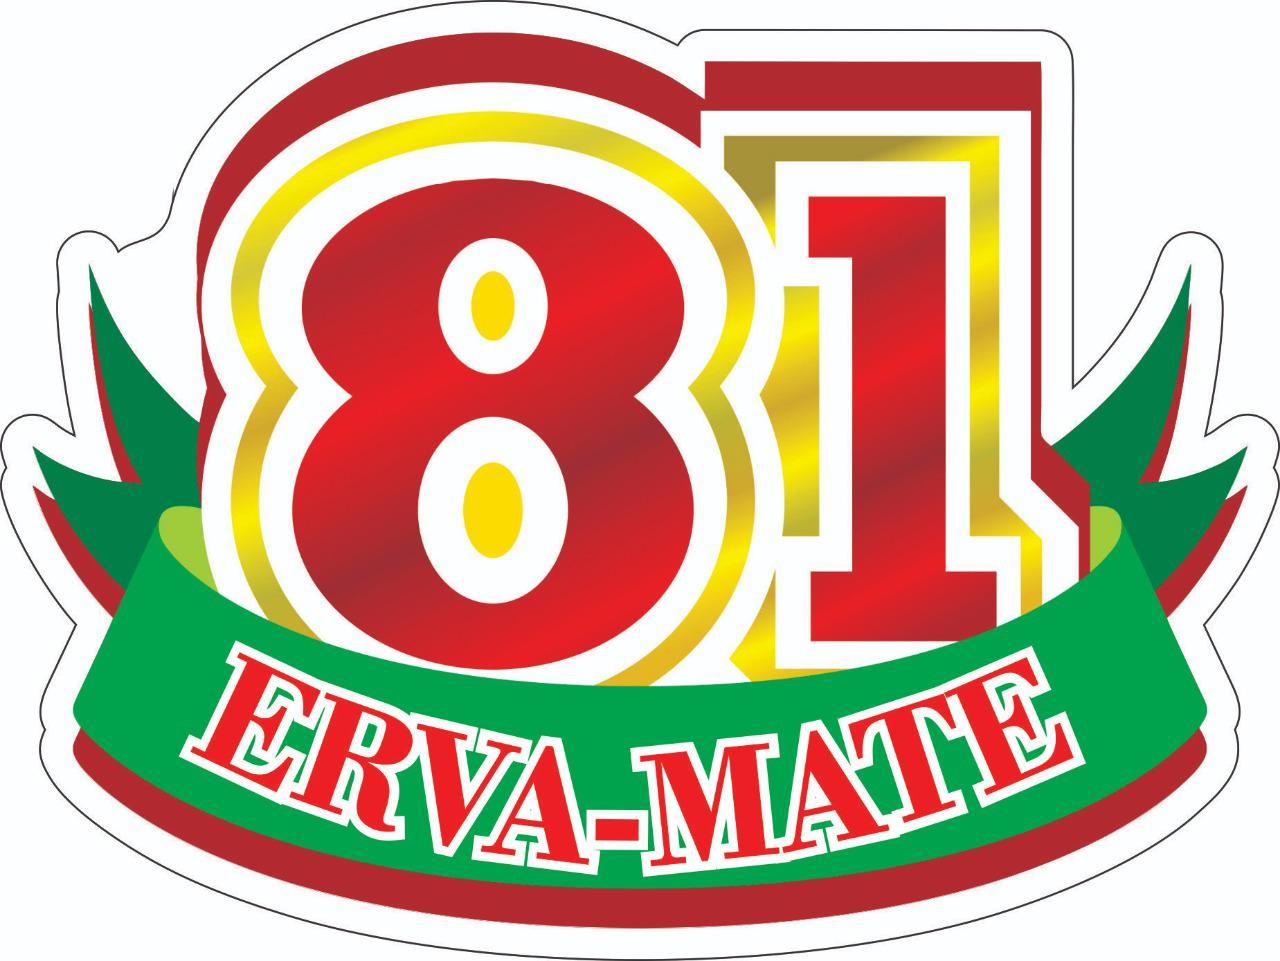 81 Erva Mate